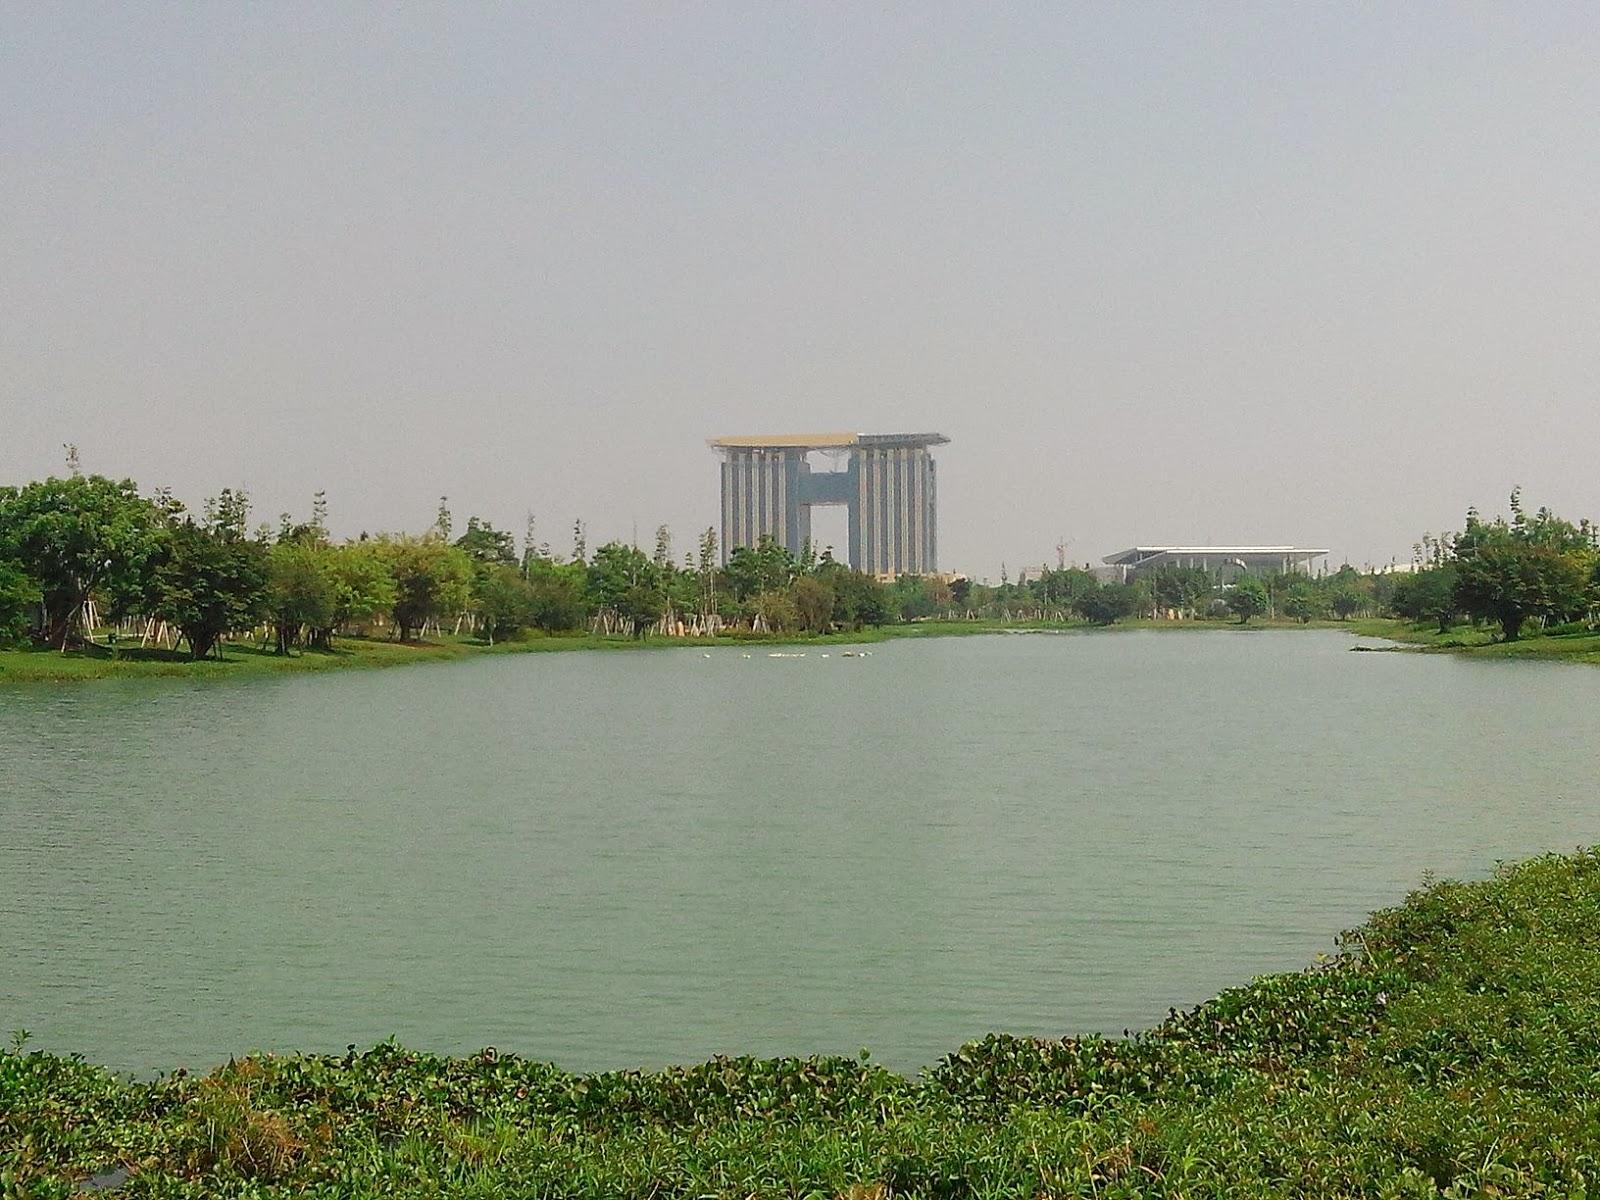 Trung tâm hành chính chính trị TP mới BD, Trung tam hanh chinh chinh tri TP moi BD